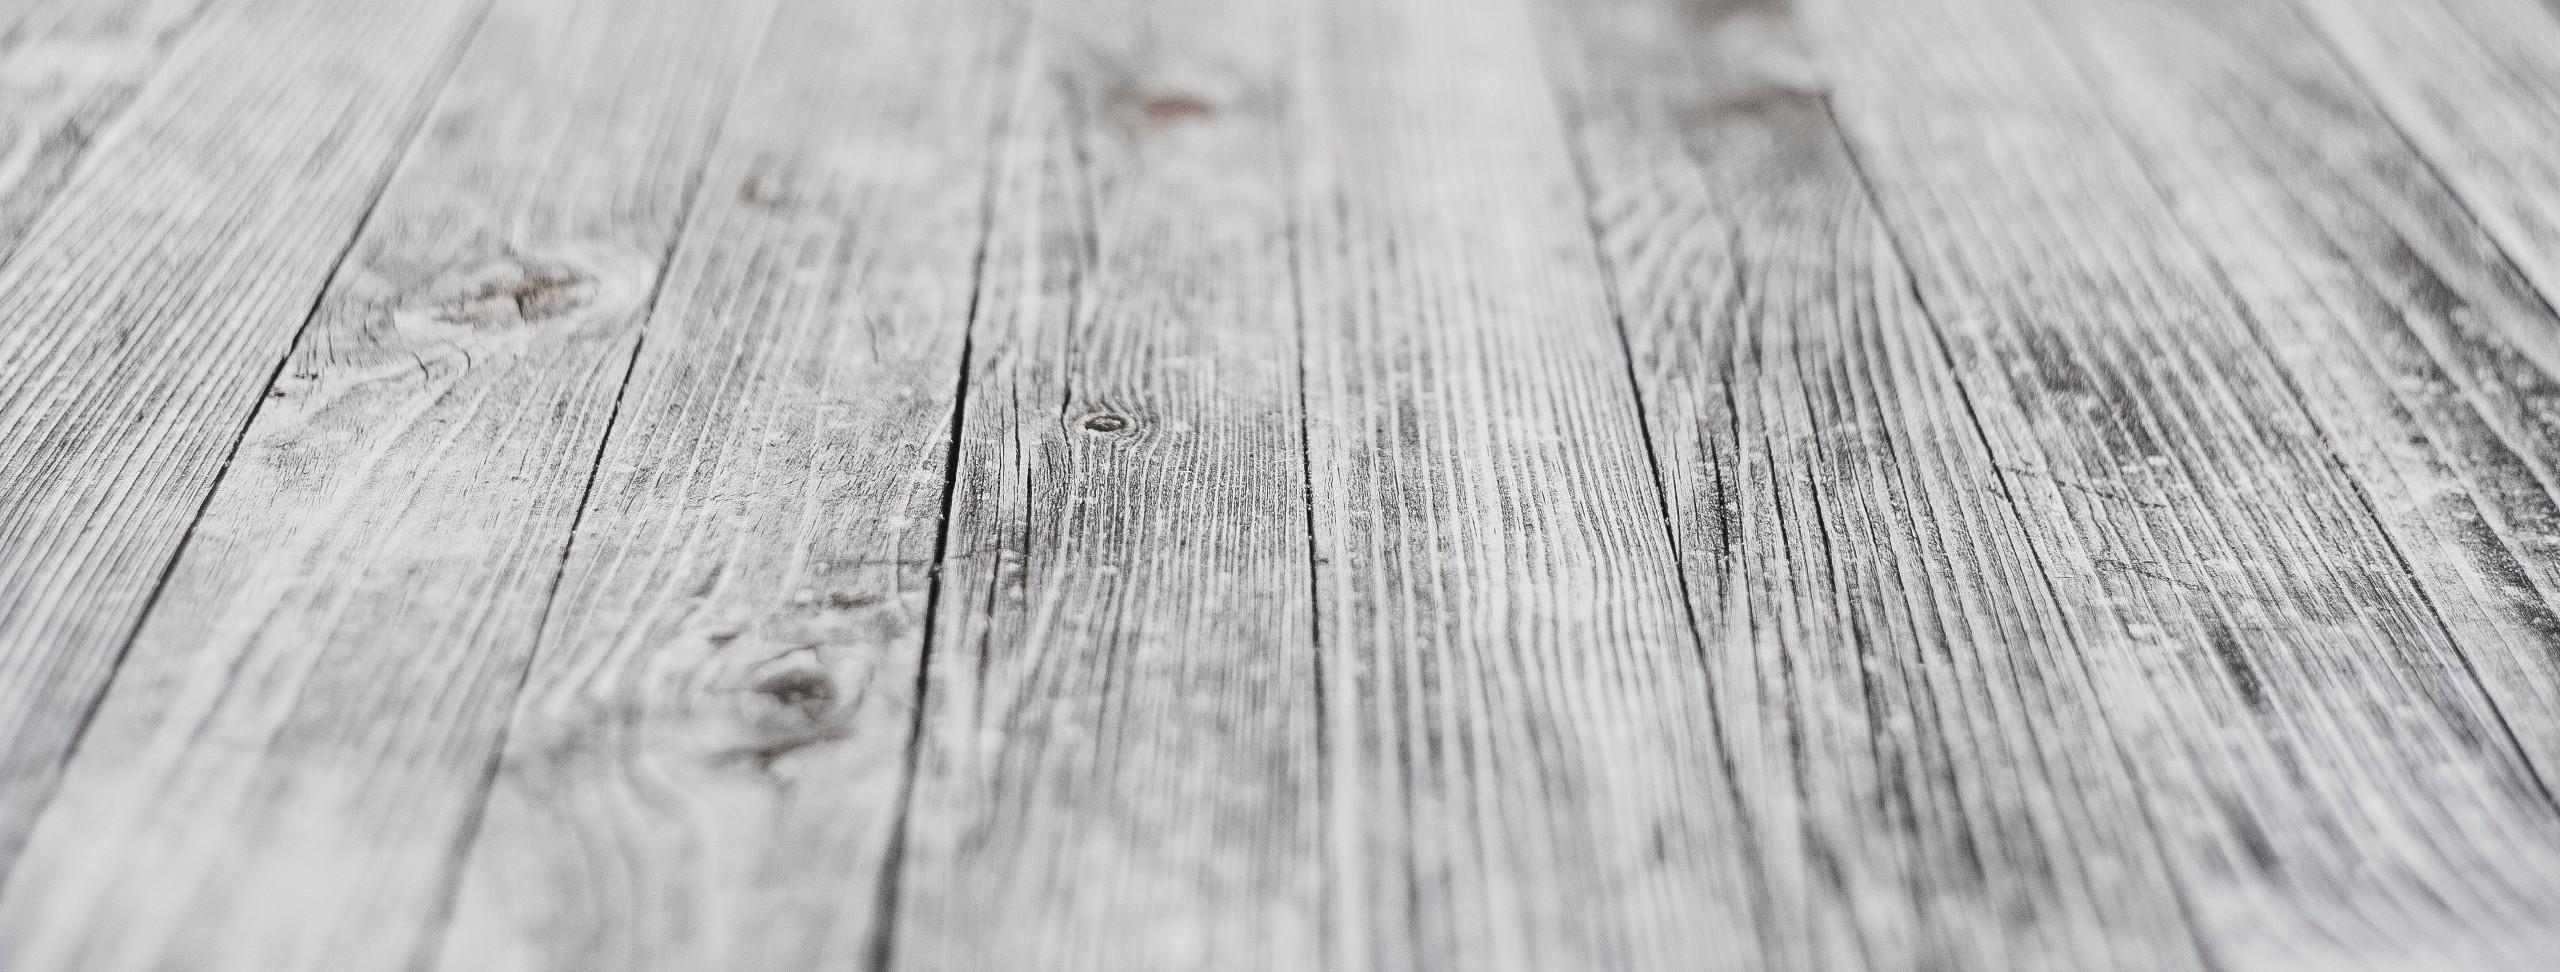 piso-madeira-taco-branco-cinza-conforto-termico-inverno-impermeavel